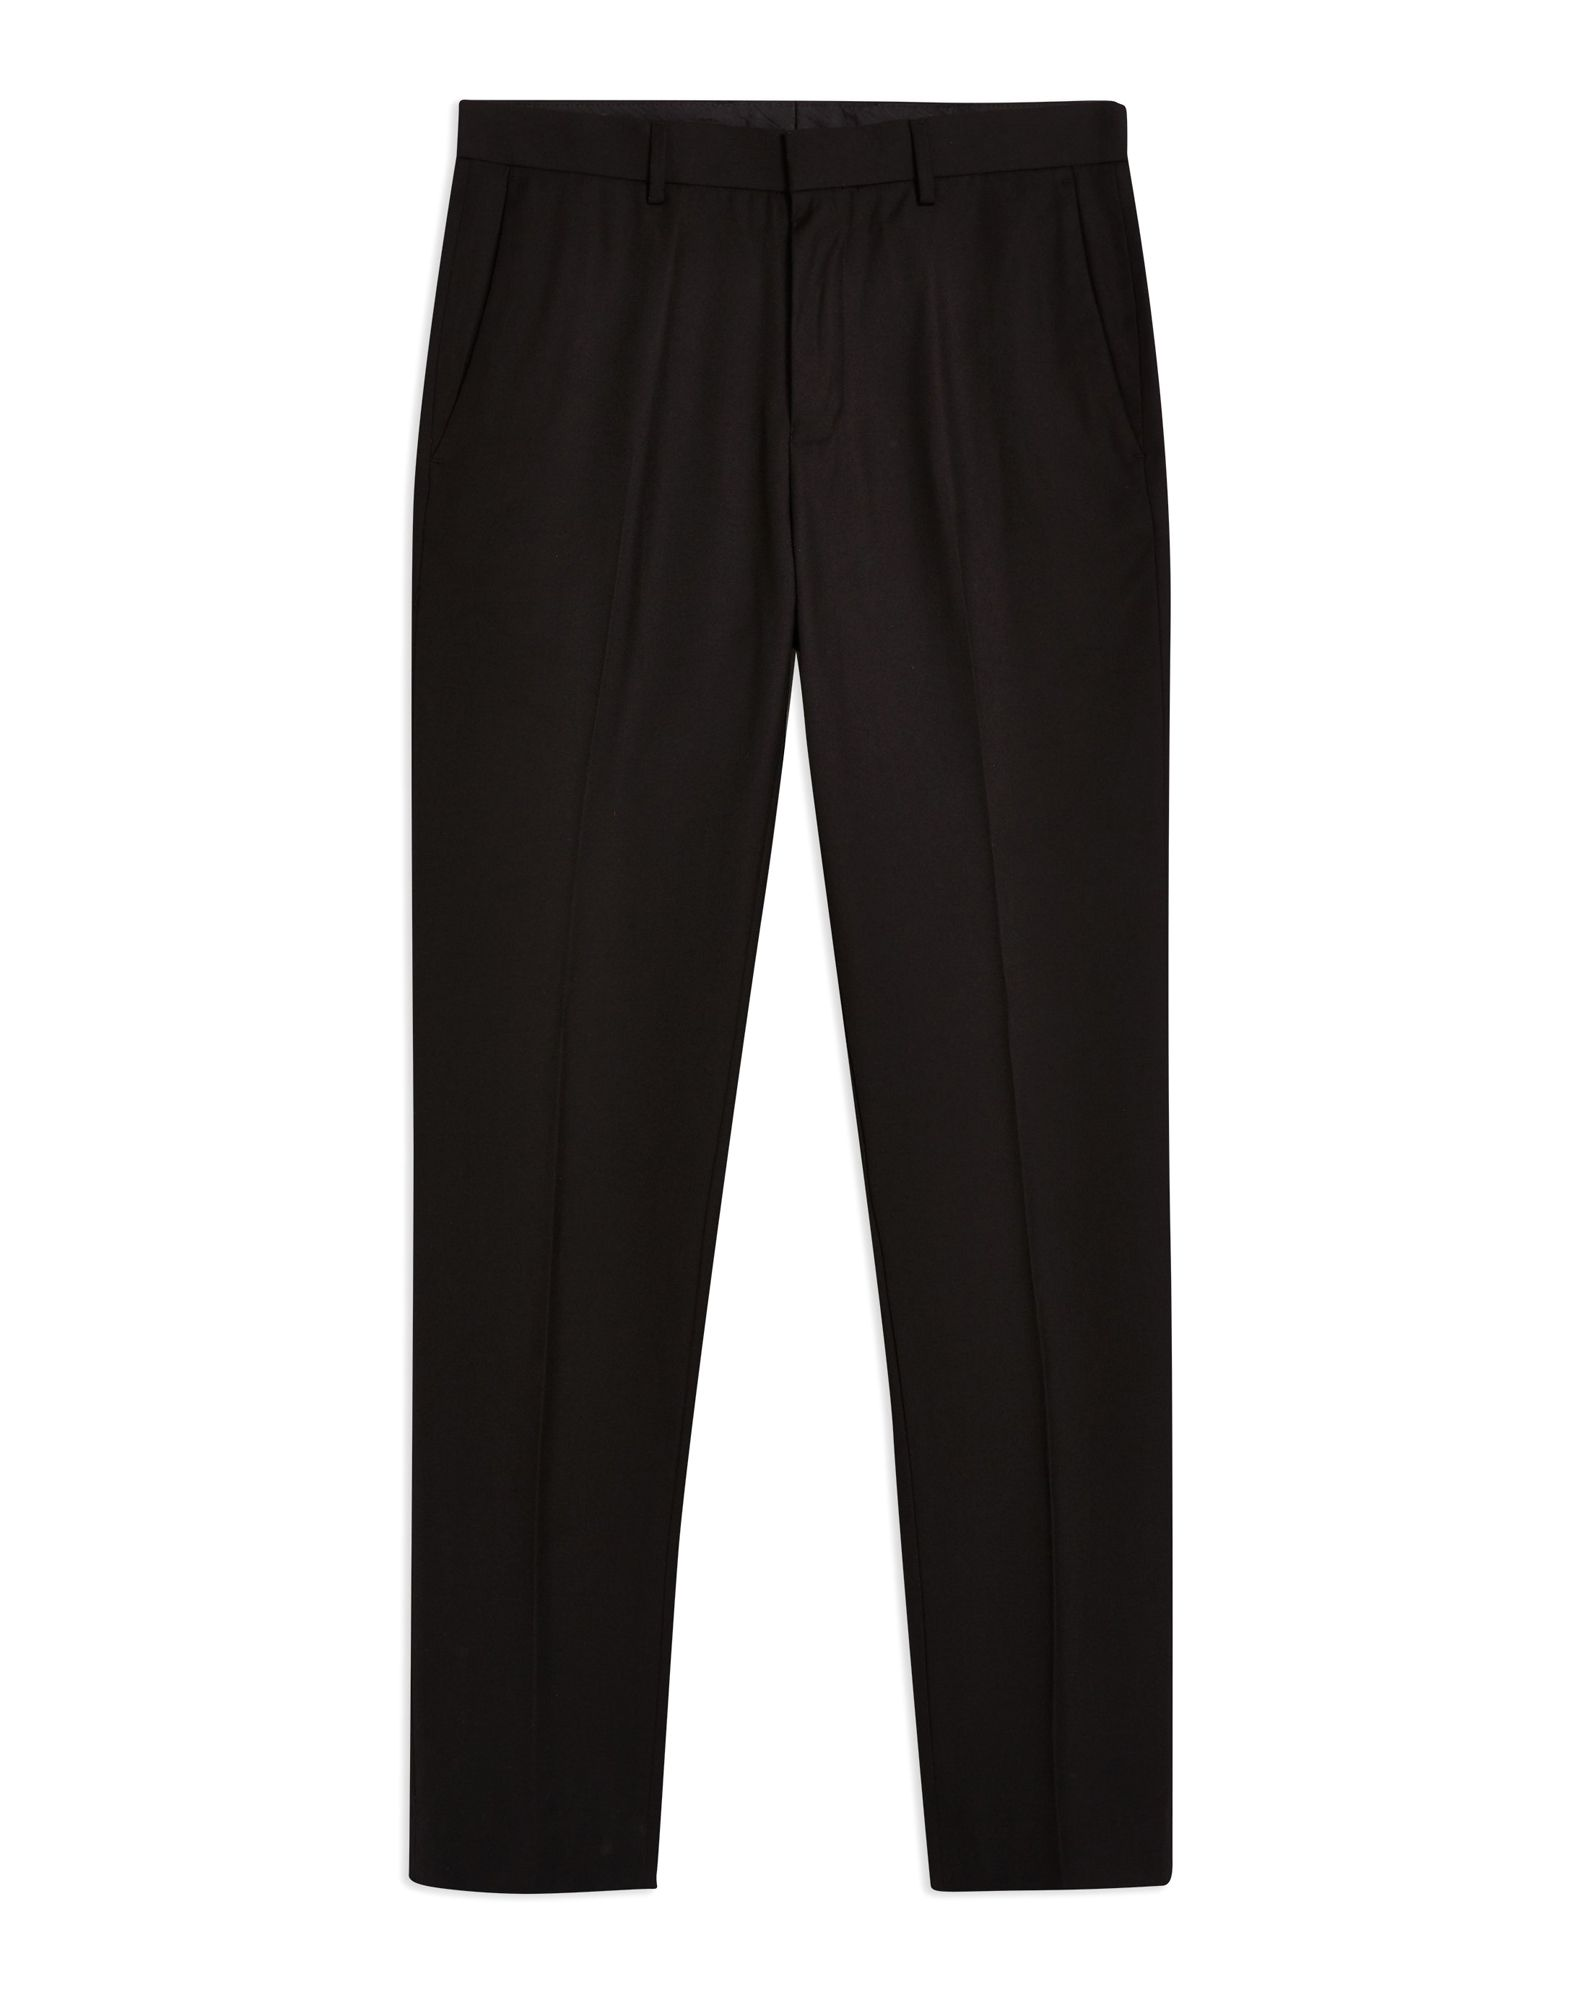 《期間限定セール中》TOPMAN メンズ パンツ ブラック 28 ポリエステル 78% / レーヨン 22% Black Skinny Suit Trousers